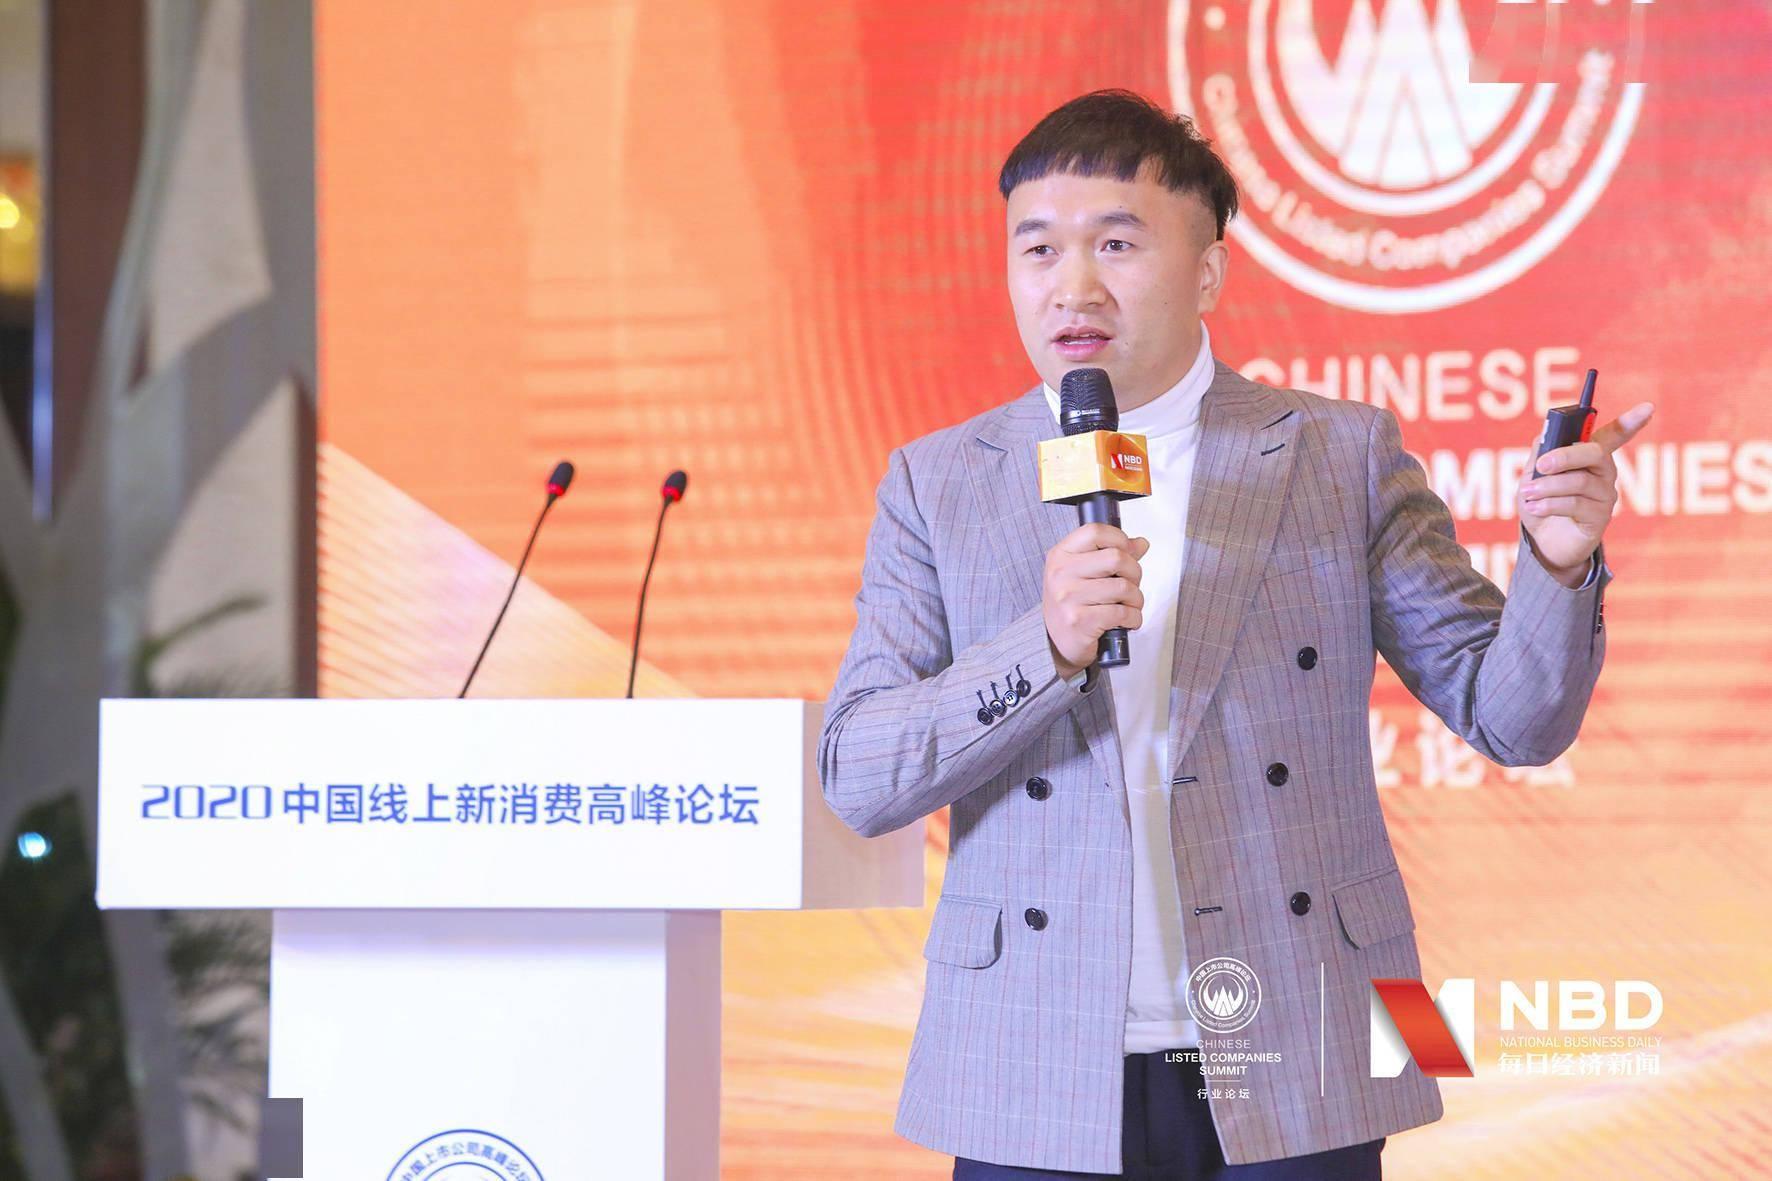 申唐集团&九眼桥董事长申伦忠:企业战略中的战略应该是人才_